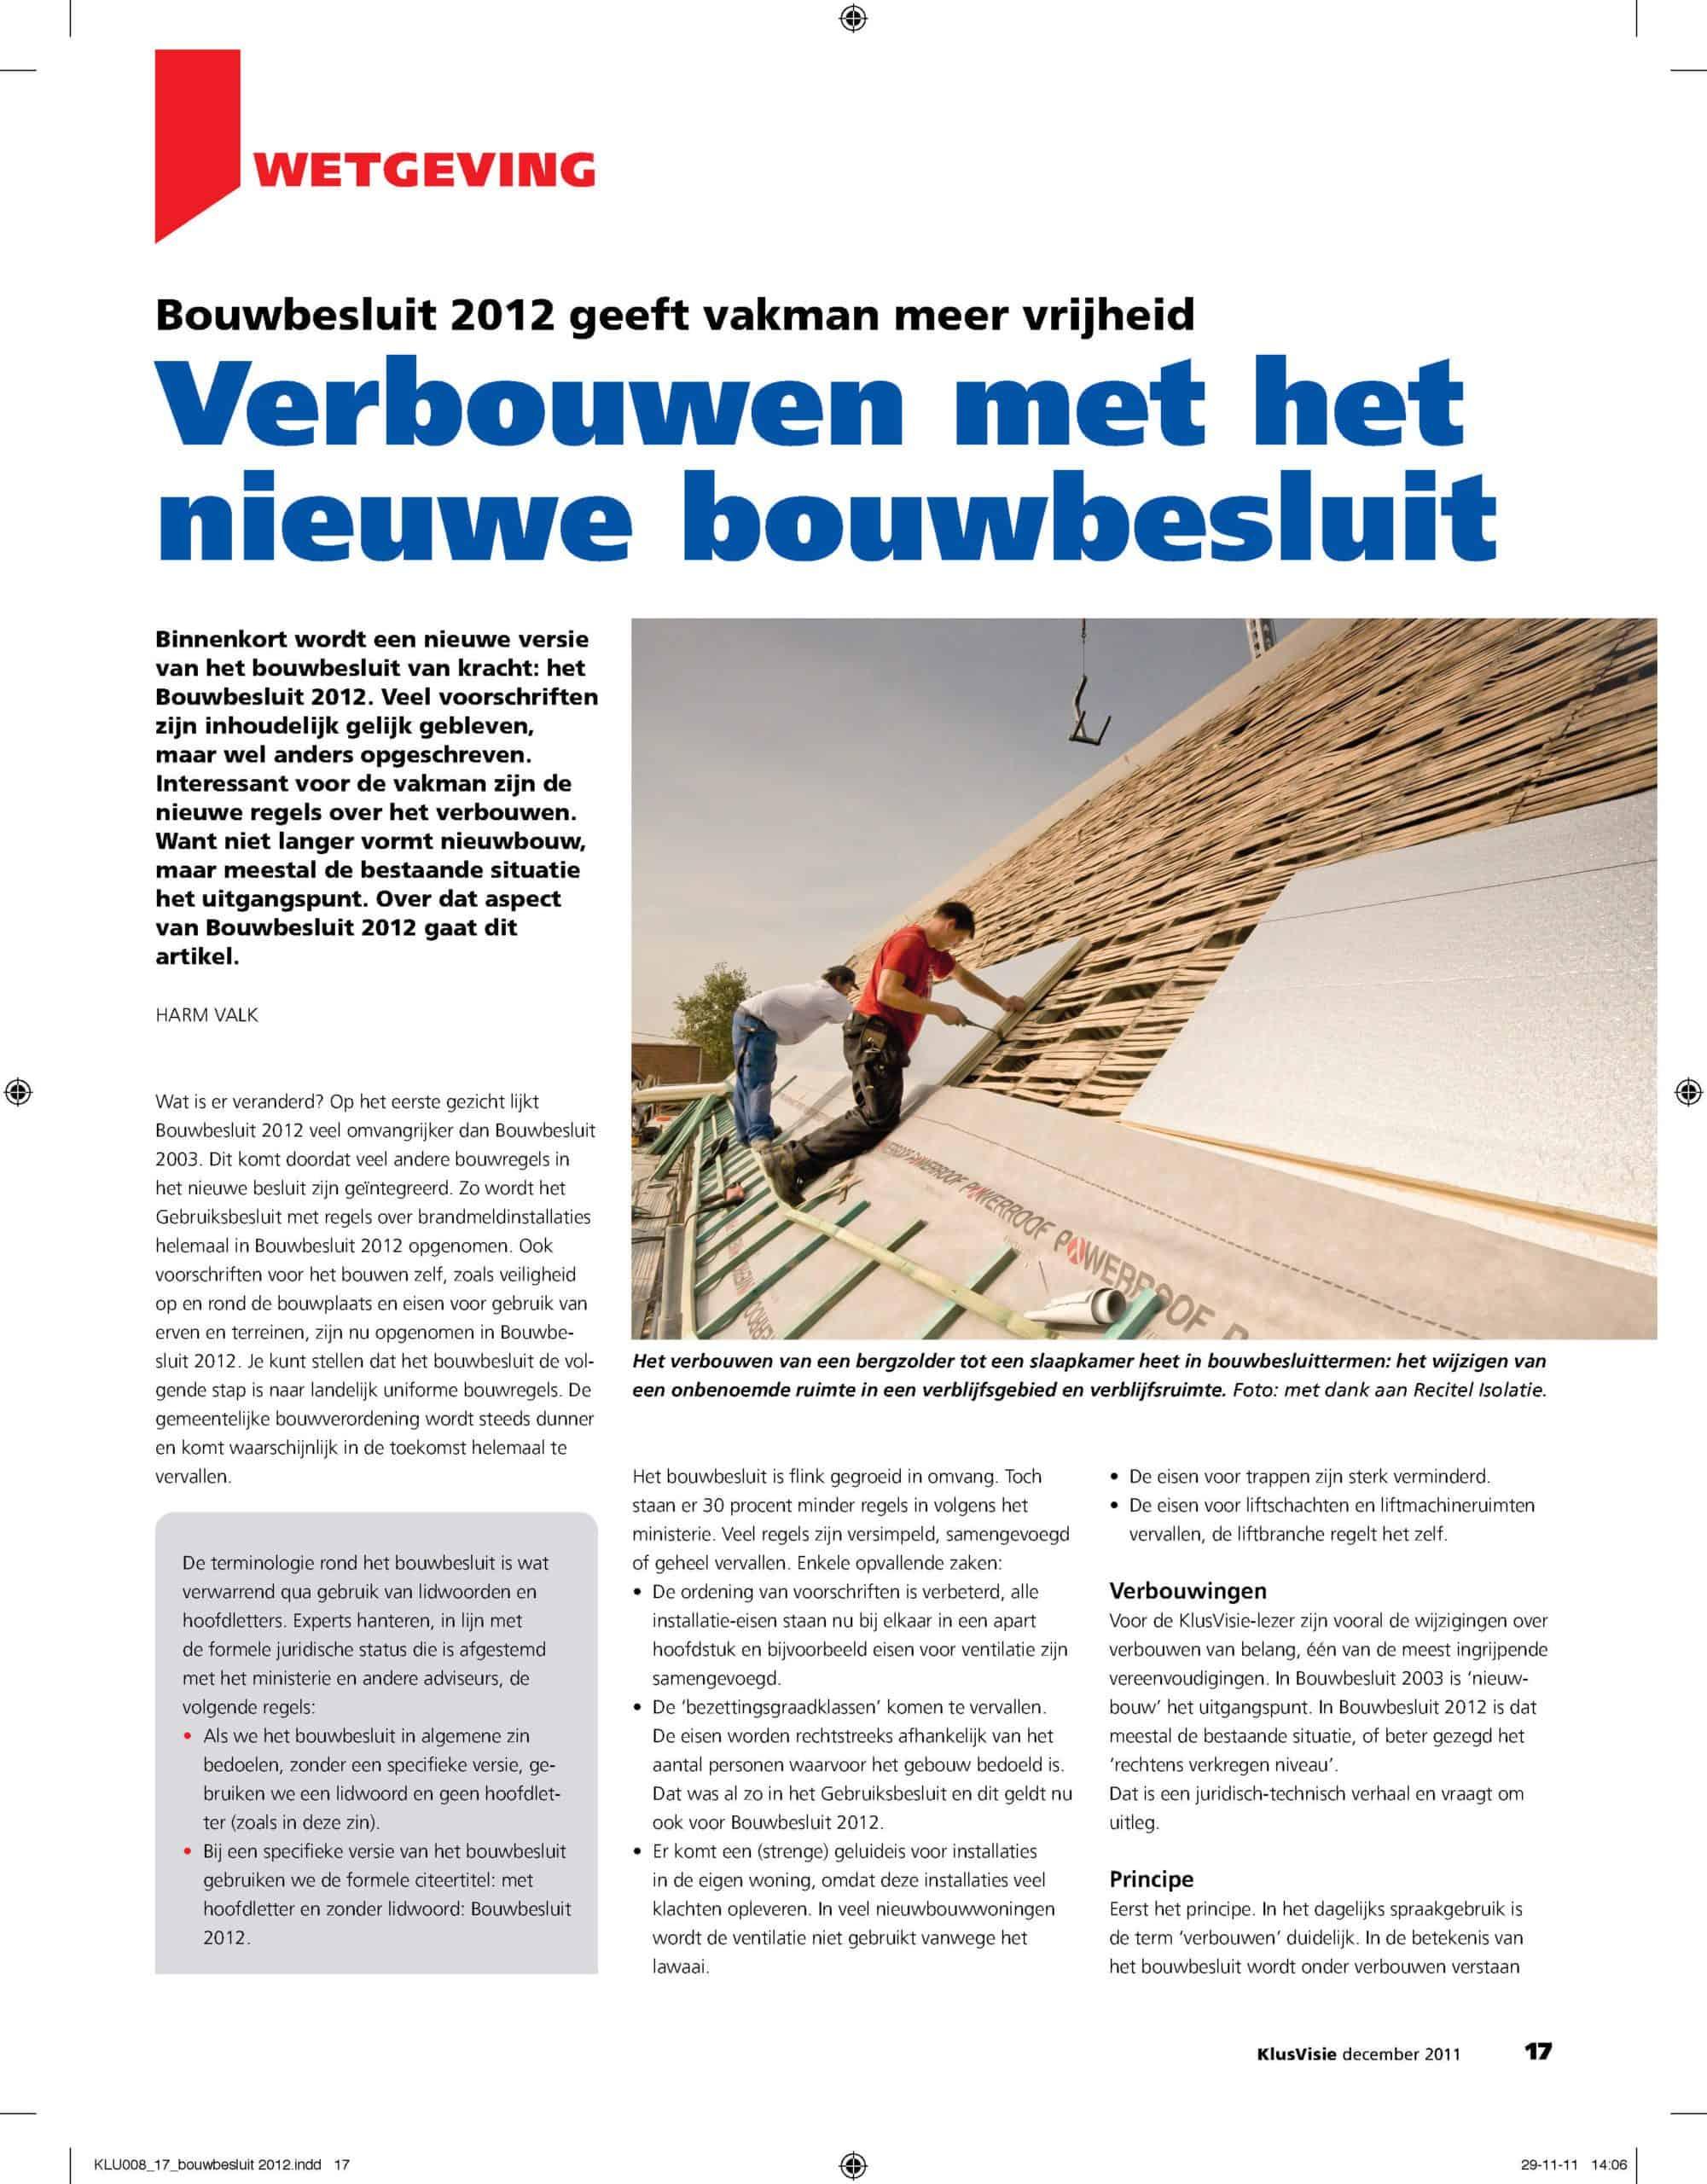 Klusvisie_2011-12_Verbouwen-met-het-nieuwe-Bouwbesluit_p17-1-scaled